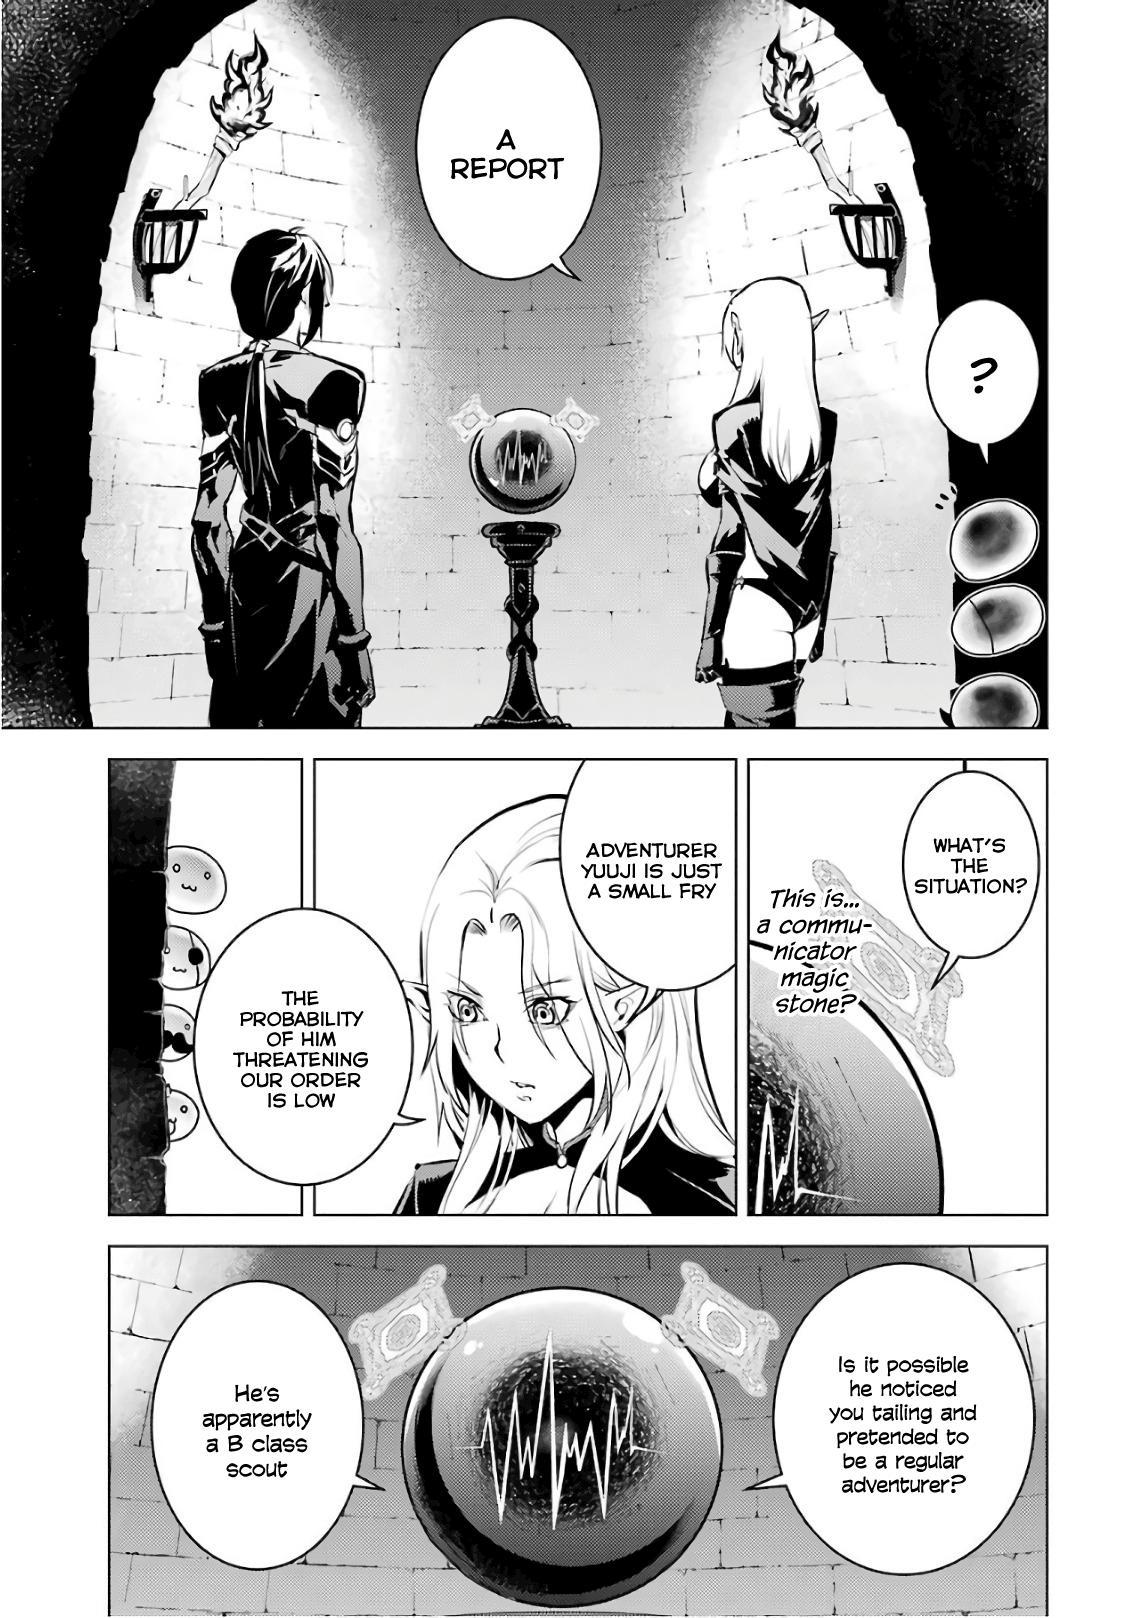 Tensei Kenja No Isekai Raifu ~Daini No Shokugyo Wo Ete, Sekai Saikyou Ni Narimashita~ Vol.5 Chapter 15: I Was Being Pursued page 48 - Mangakakalots.com